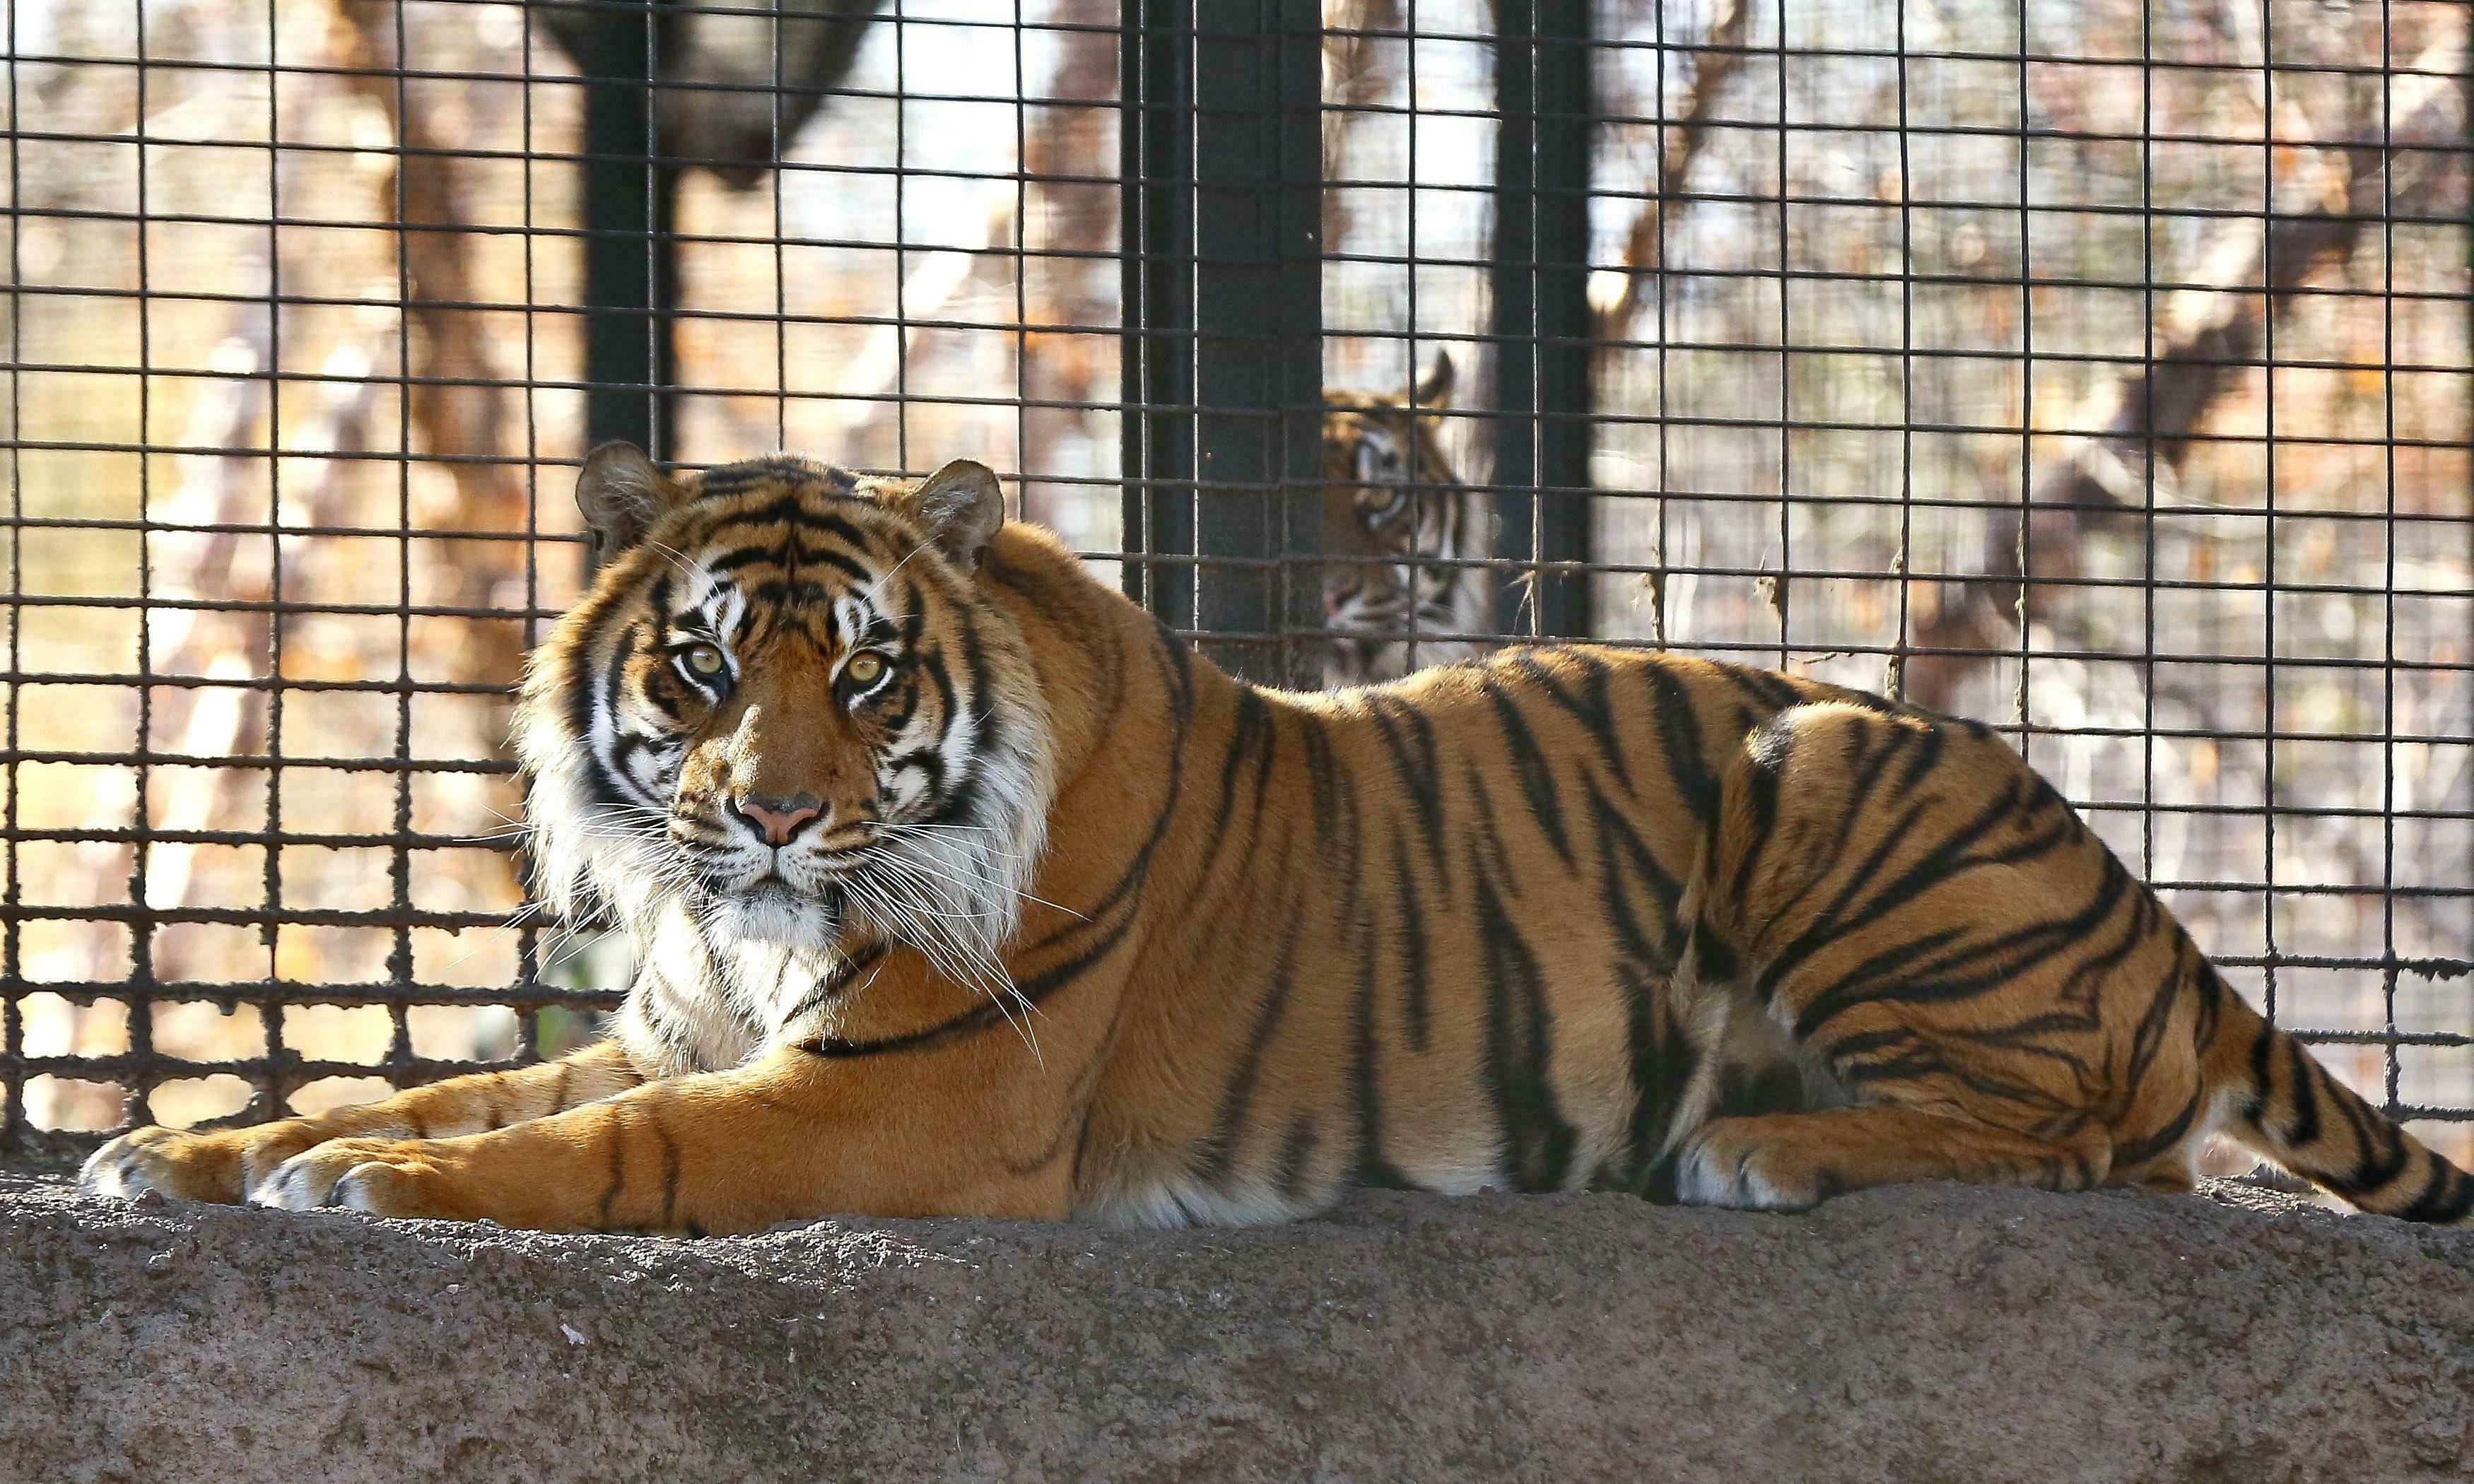 Tiger attacks and mauls zookeeper in Topeka, Kansas